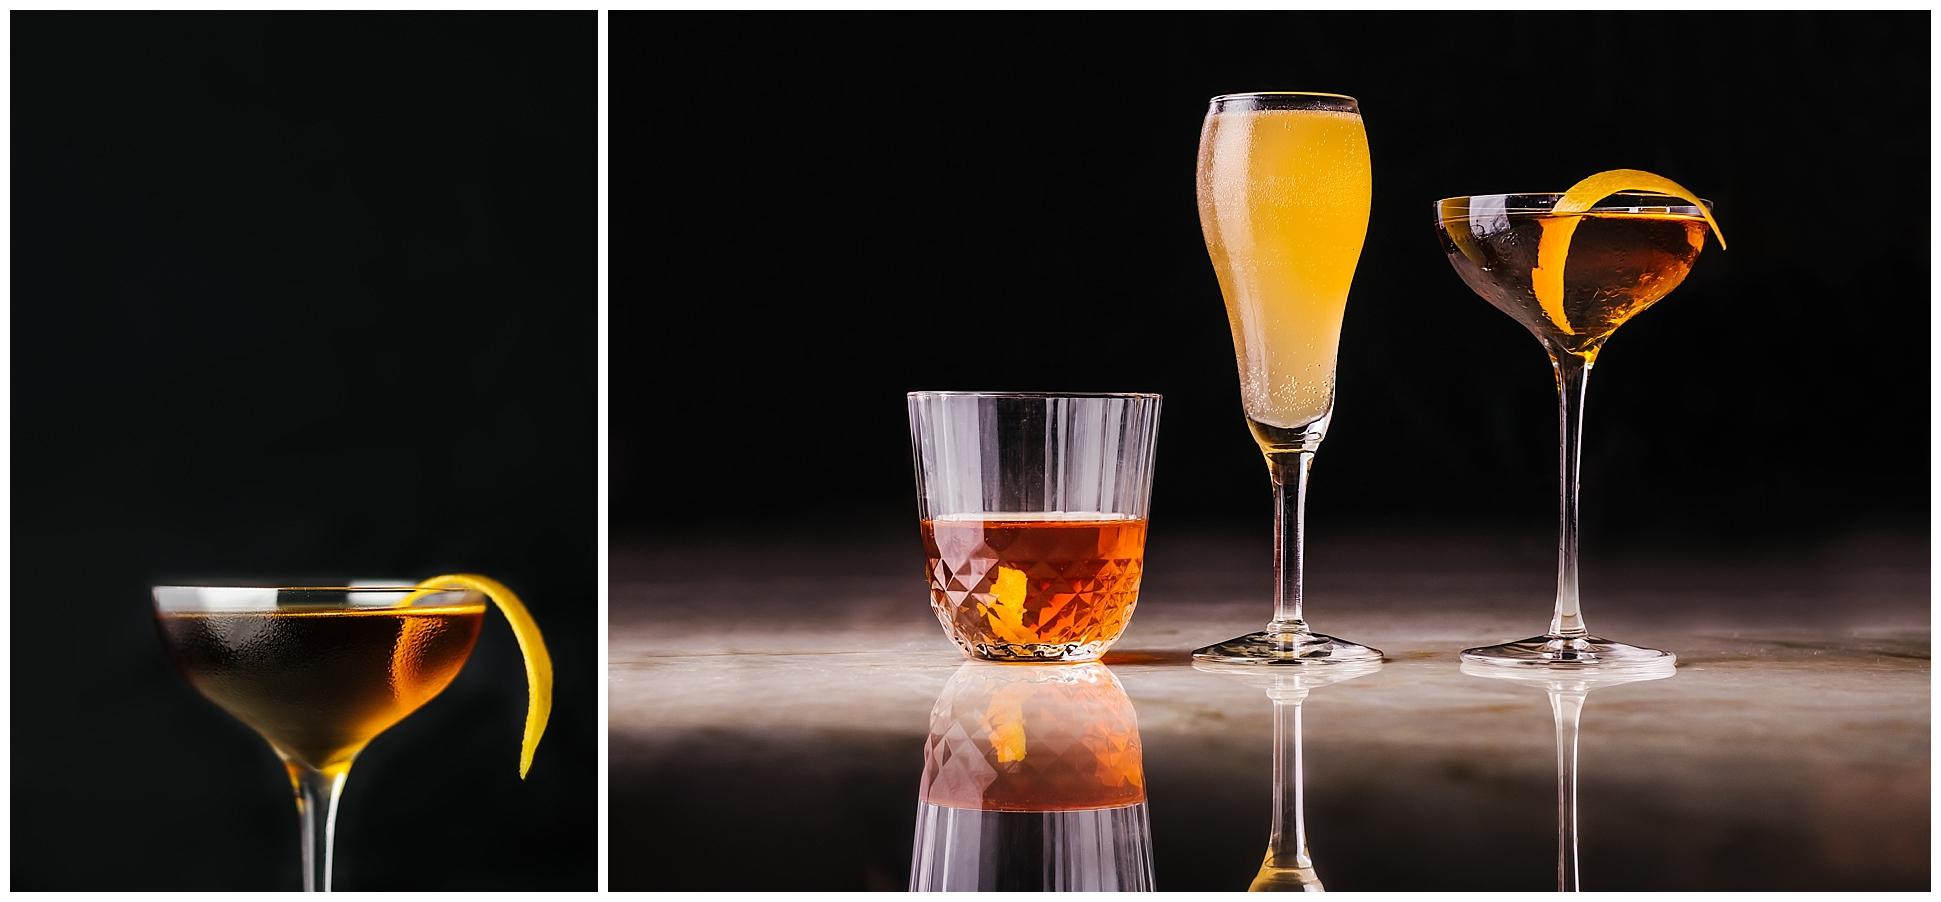 hotel-bar-food-cocktails_1.jpg